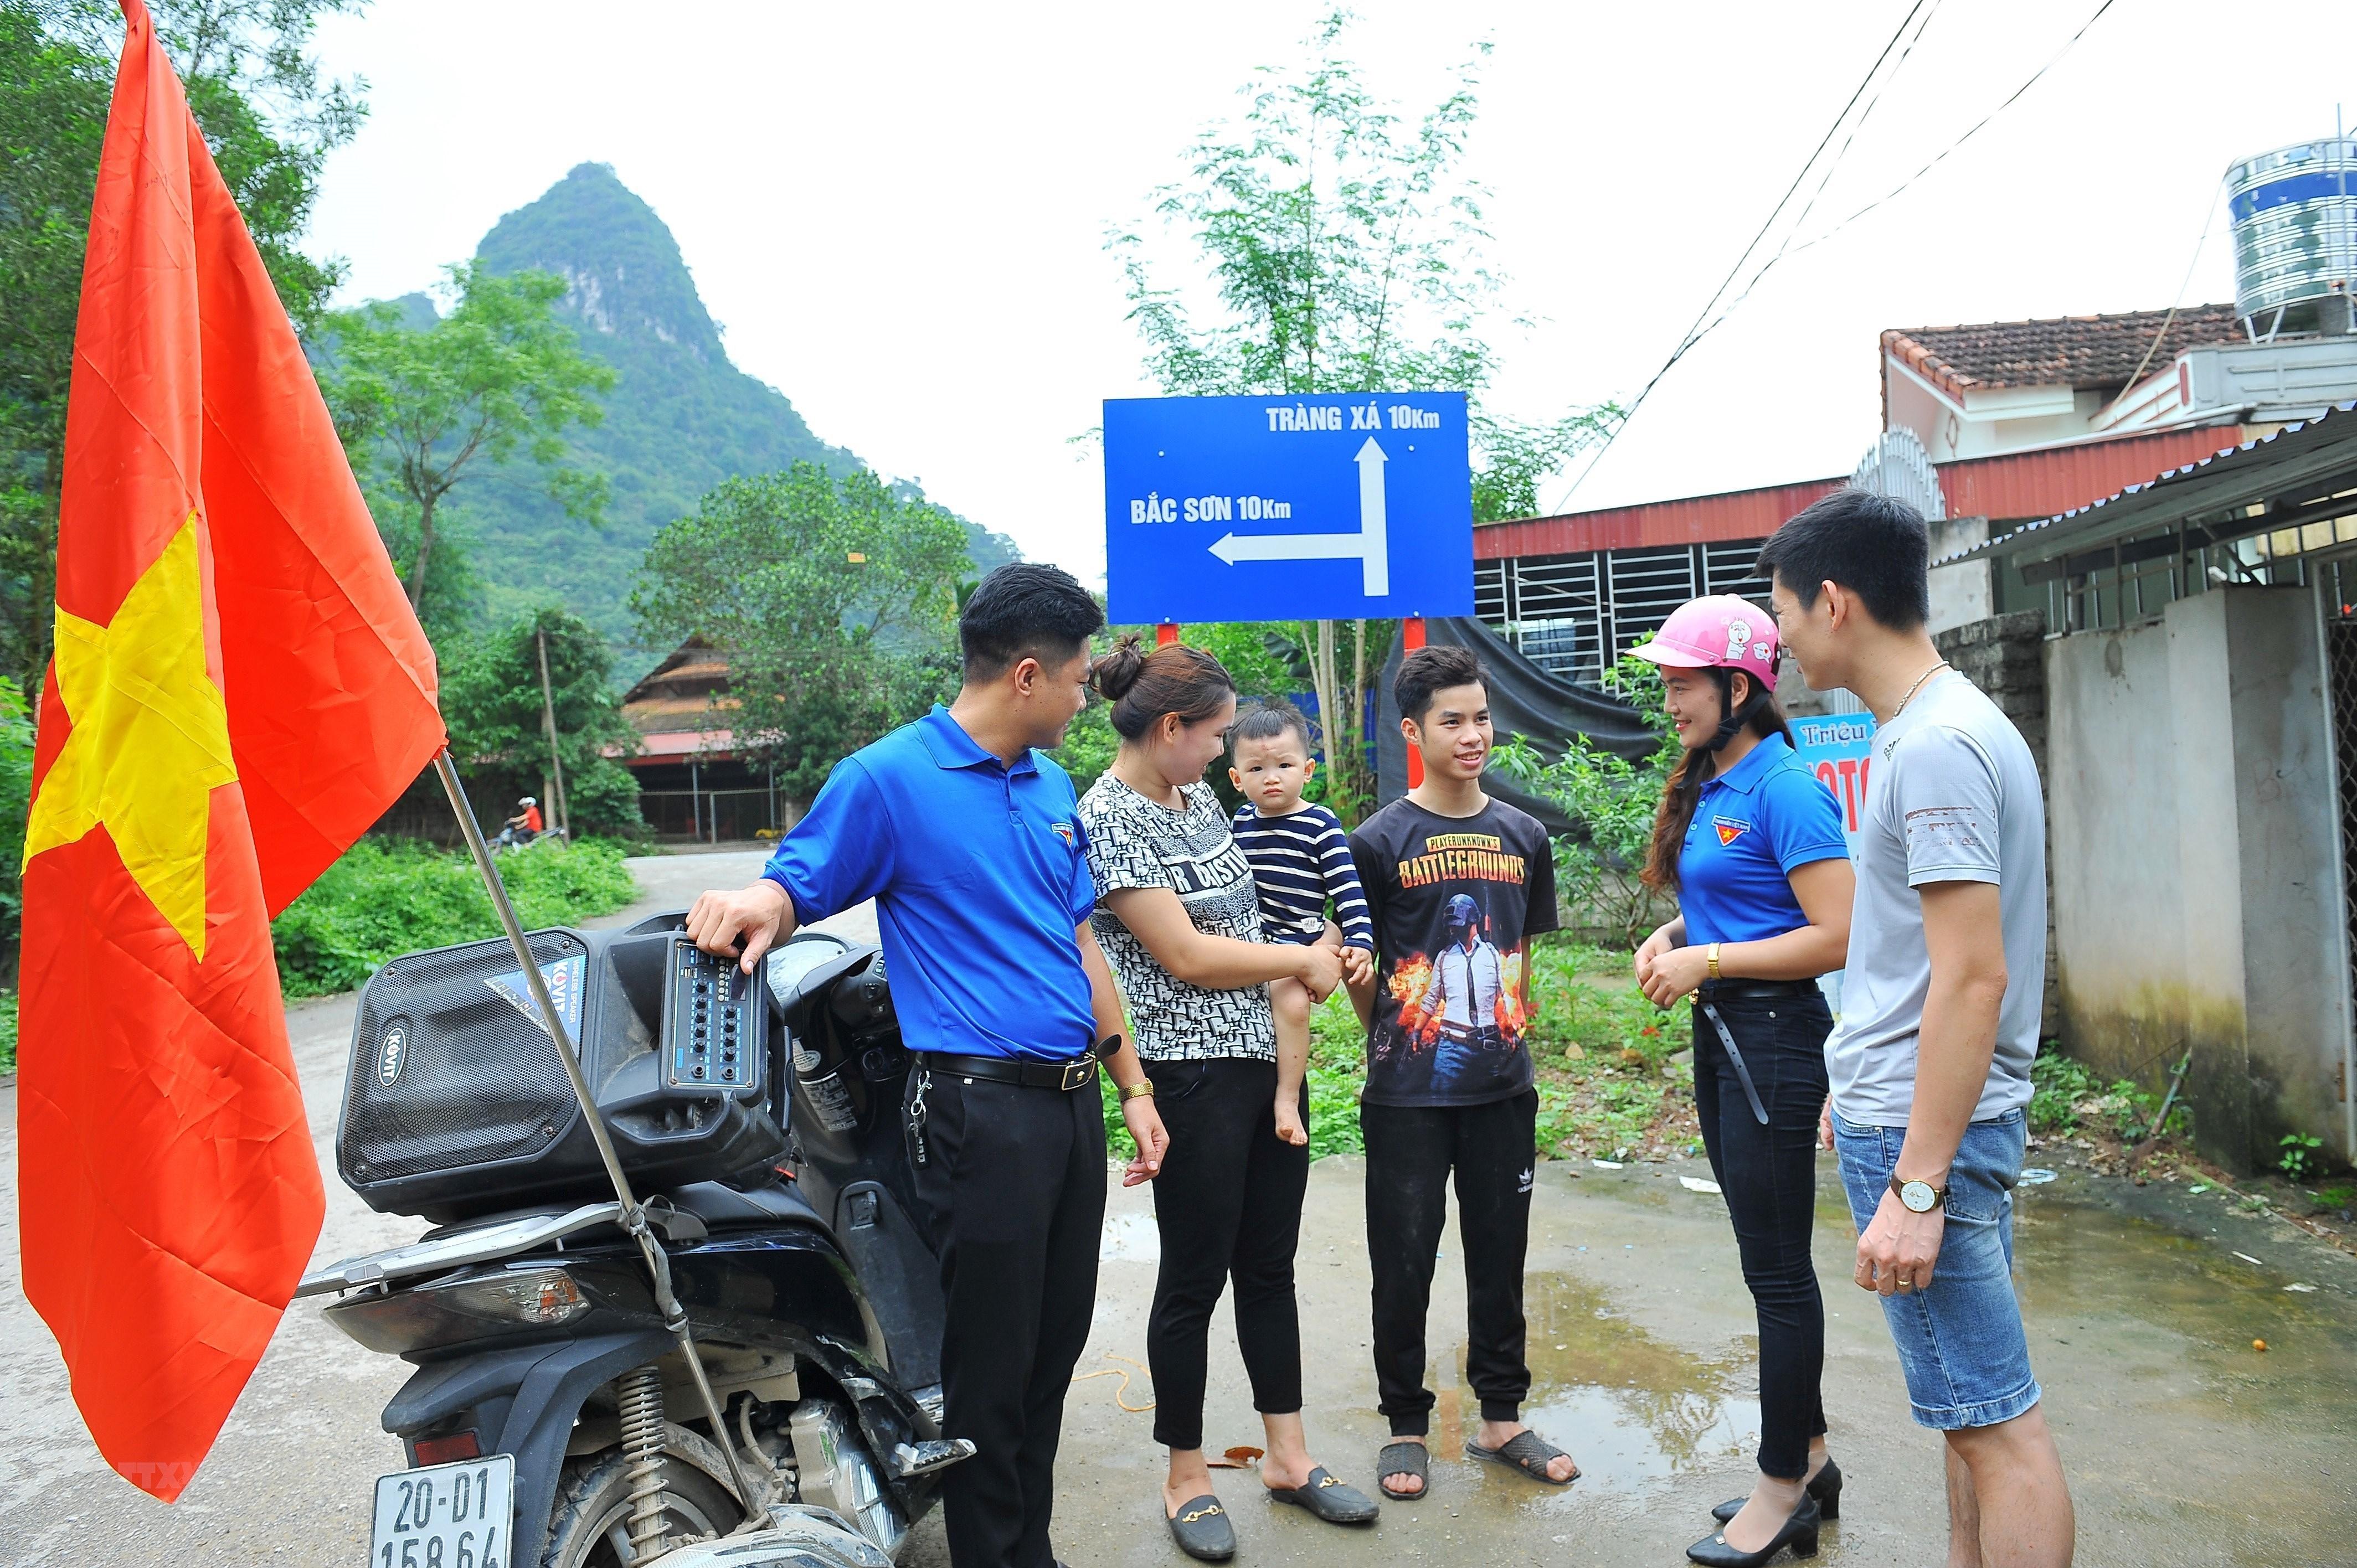 Thai Nguyen day manh tuyen truyen bau cu trong vung dong bao dan toc hinh anh 10